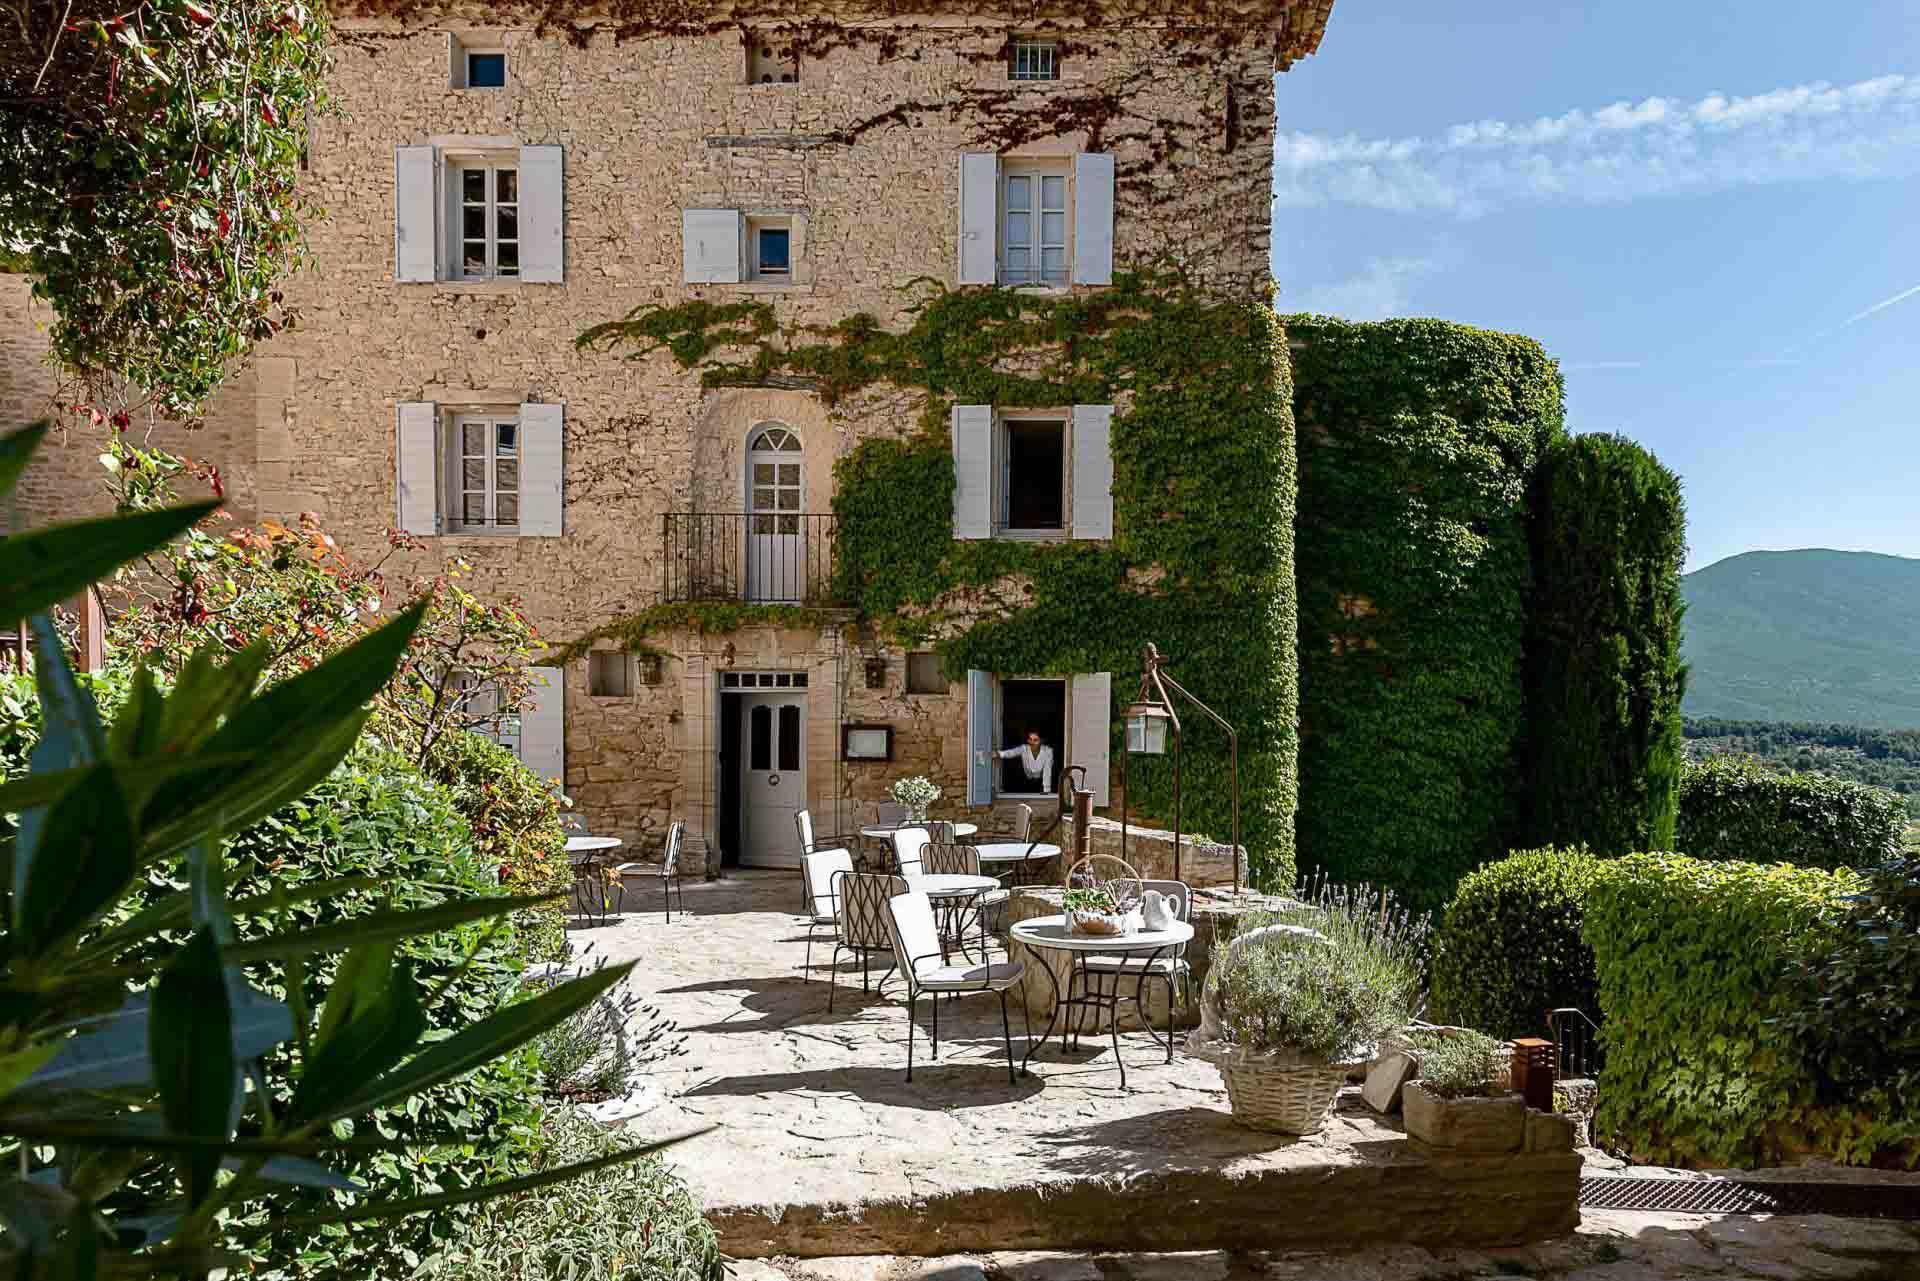 La terrasse du restaurant La Madeleine à l'hôtel Crillon Le Brave © DR